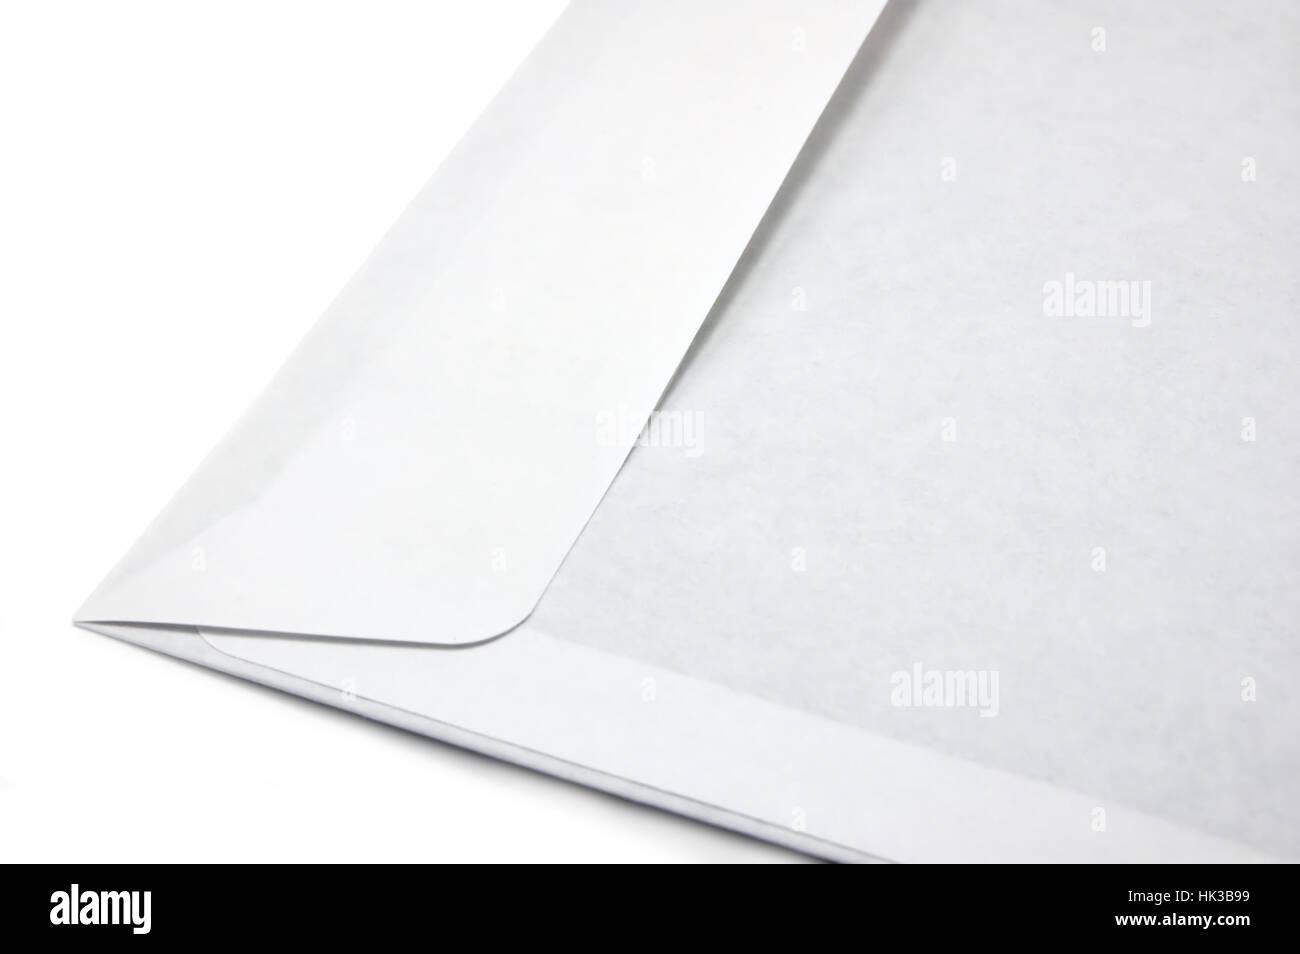 Offenen weißen Umschlag, isolierte detaillierte Makro Nahaufnahme Stockbild